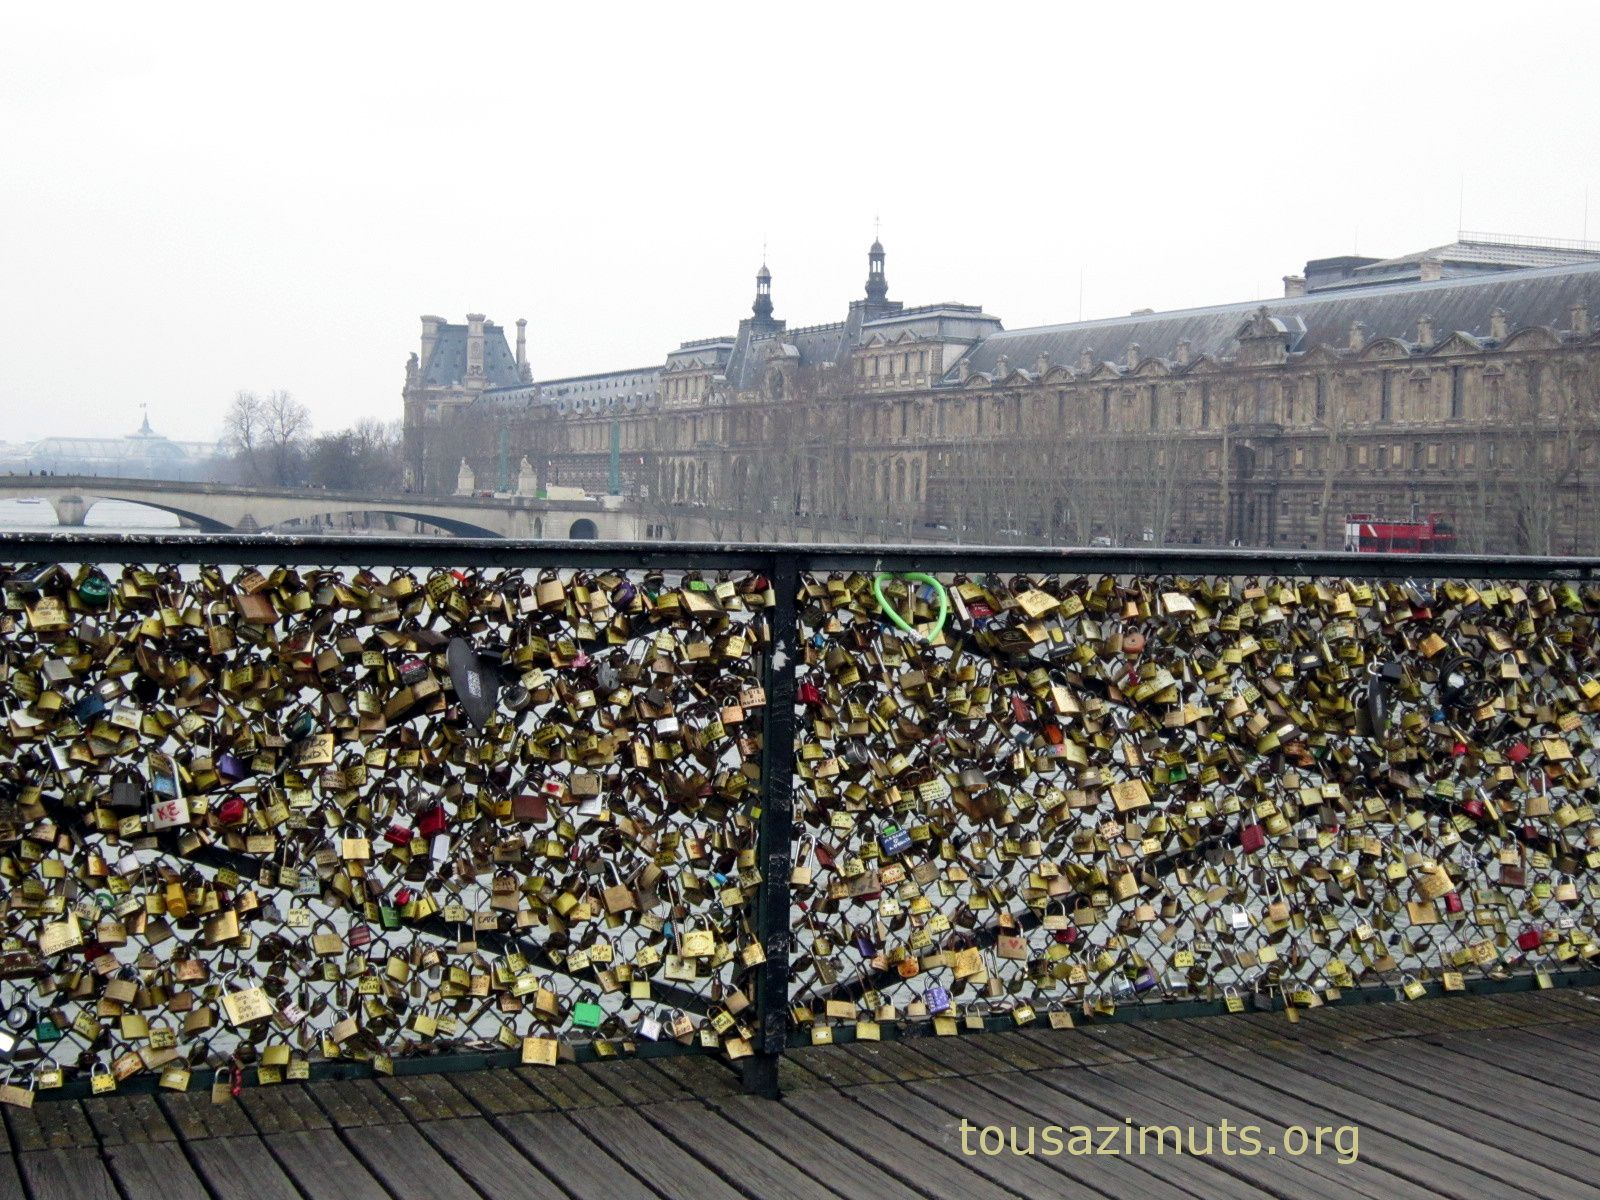 Pin cadenas sur le pont des arts insolite photo paysagecom on pinterest - Cadenas amoureux pont paris ...